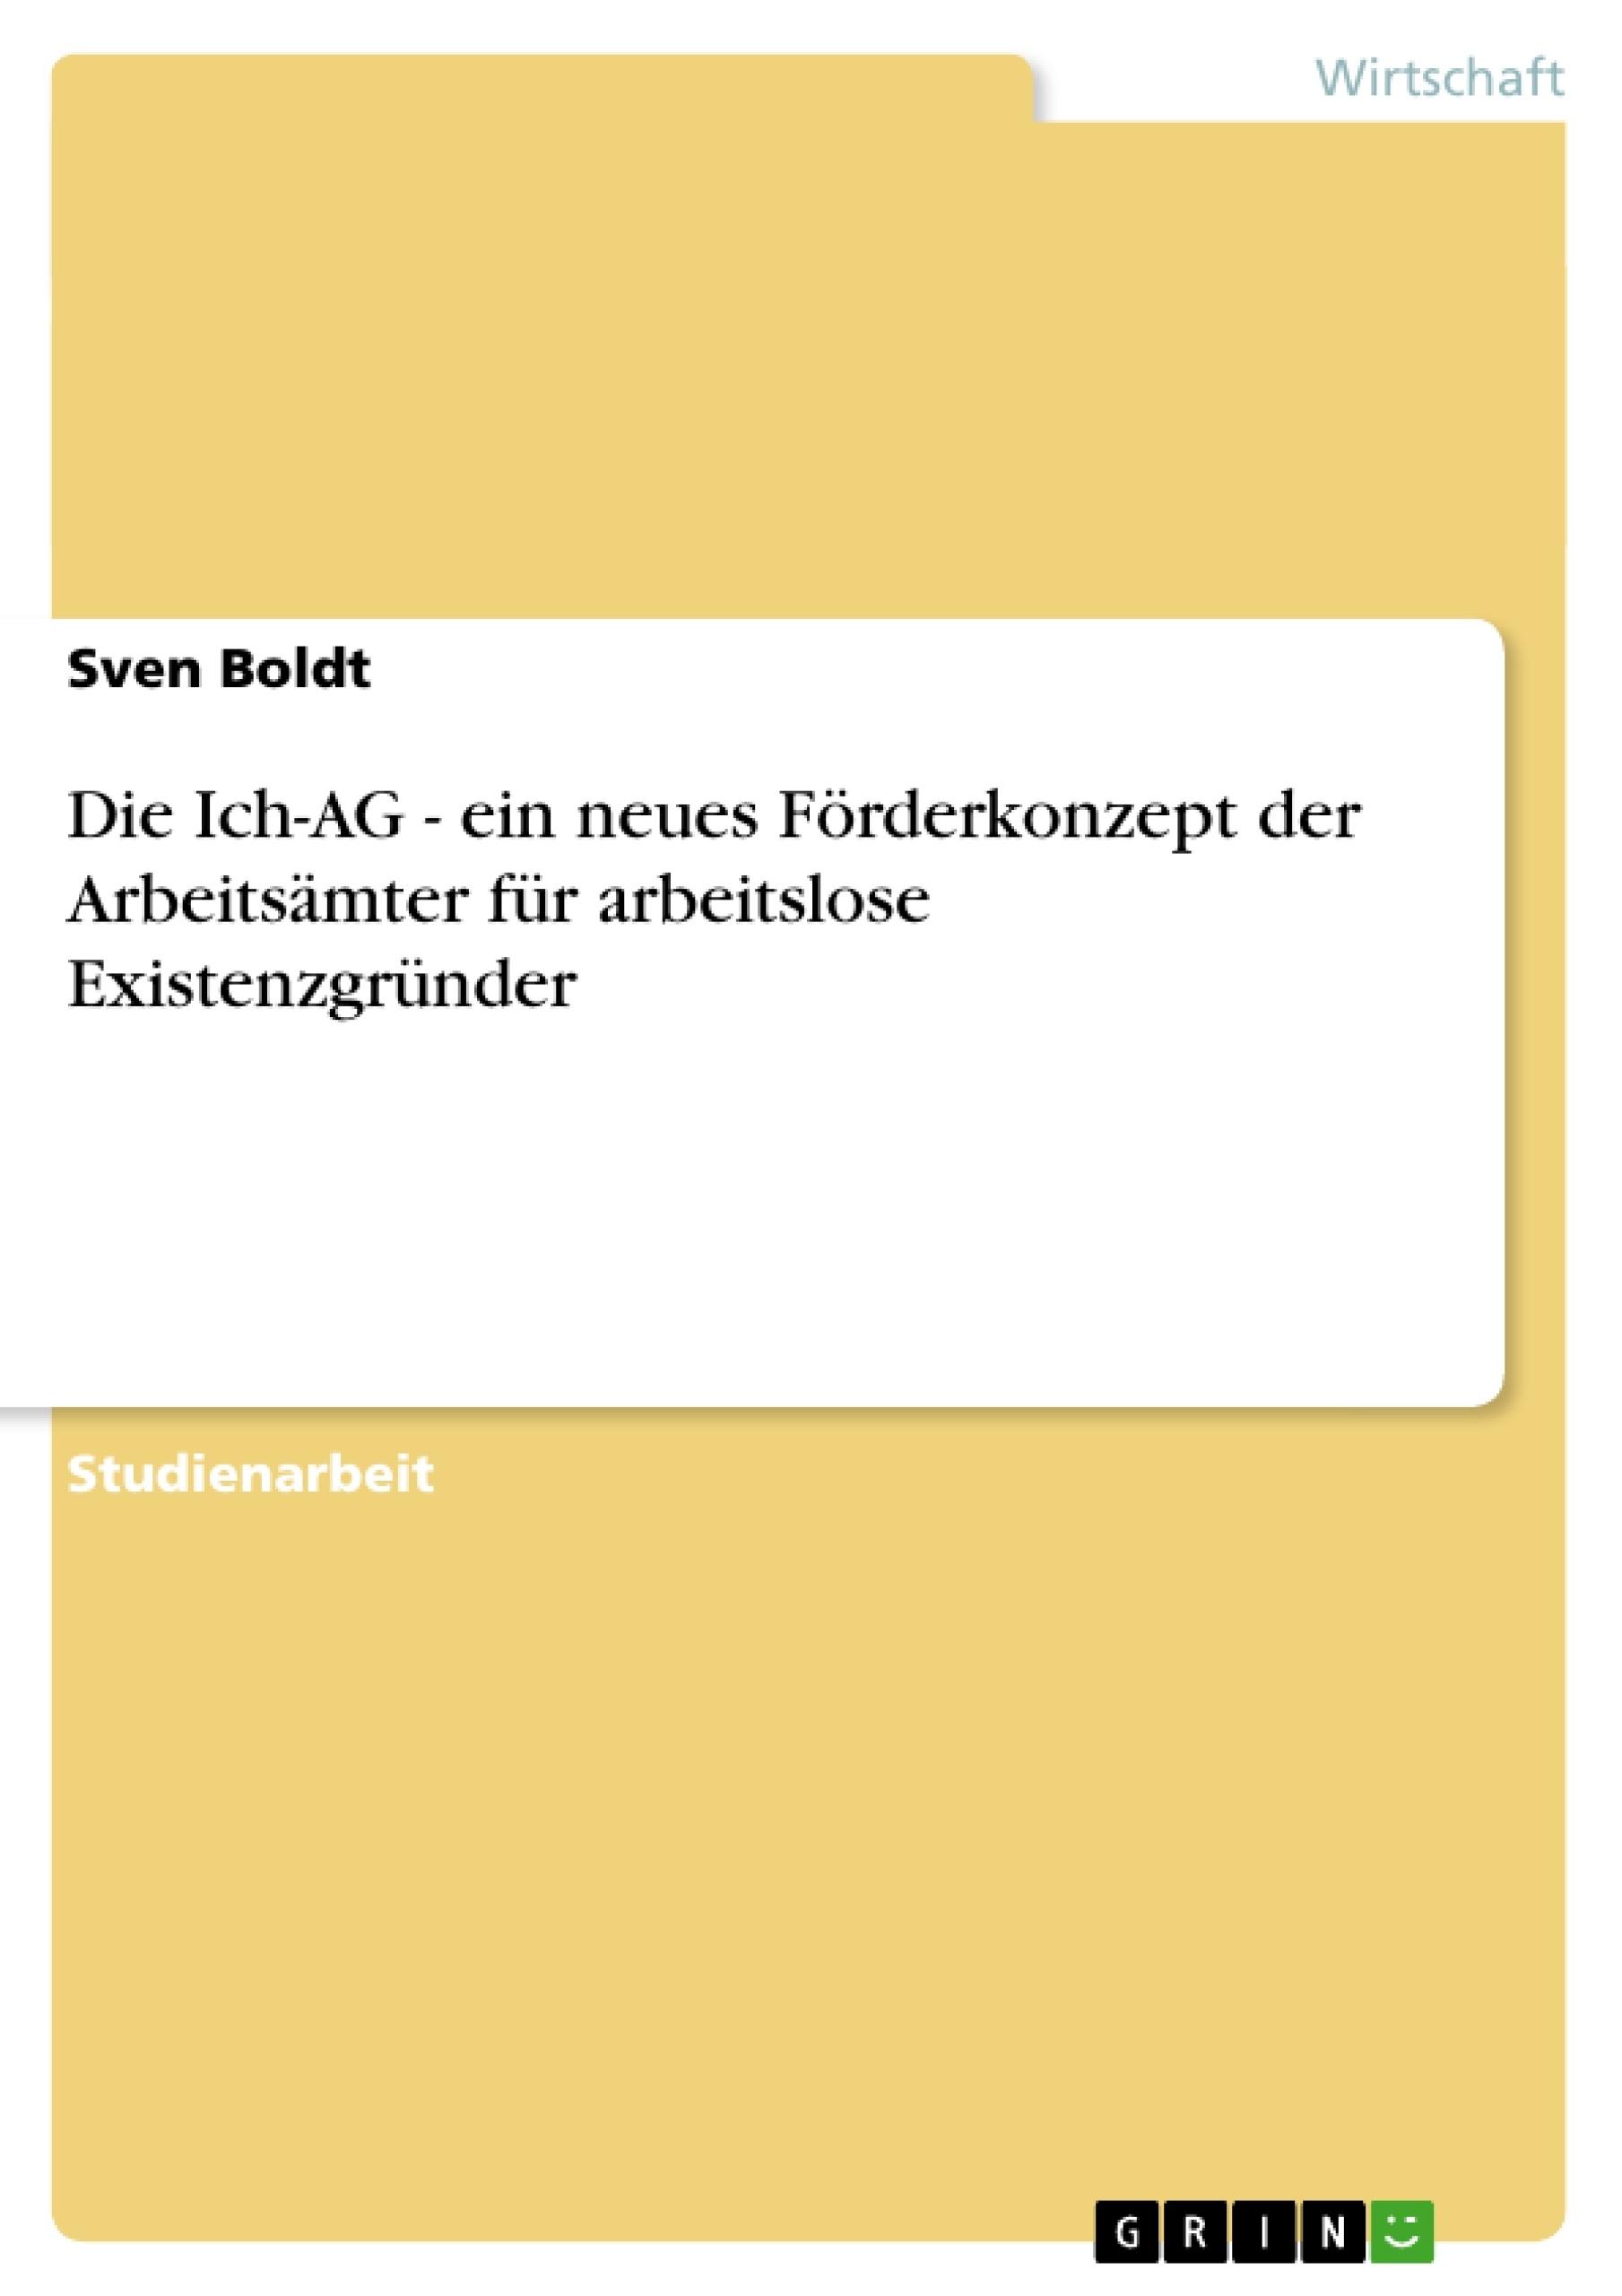 Titel: Die Ich-AG  - ein neues Förderkonzept der Arbeitsämter für arbeitslose Existenzgründer